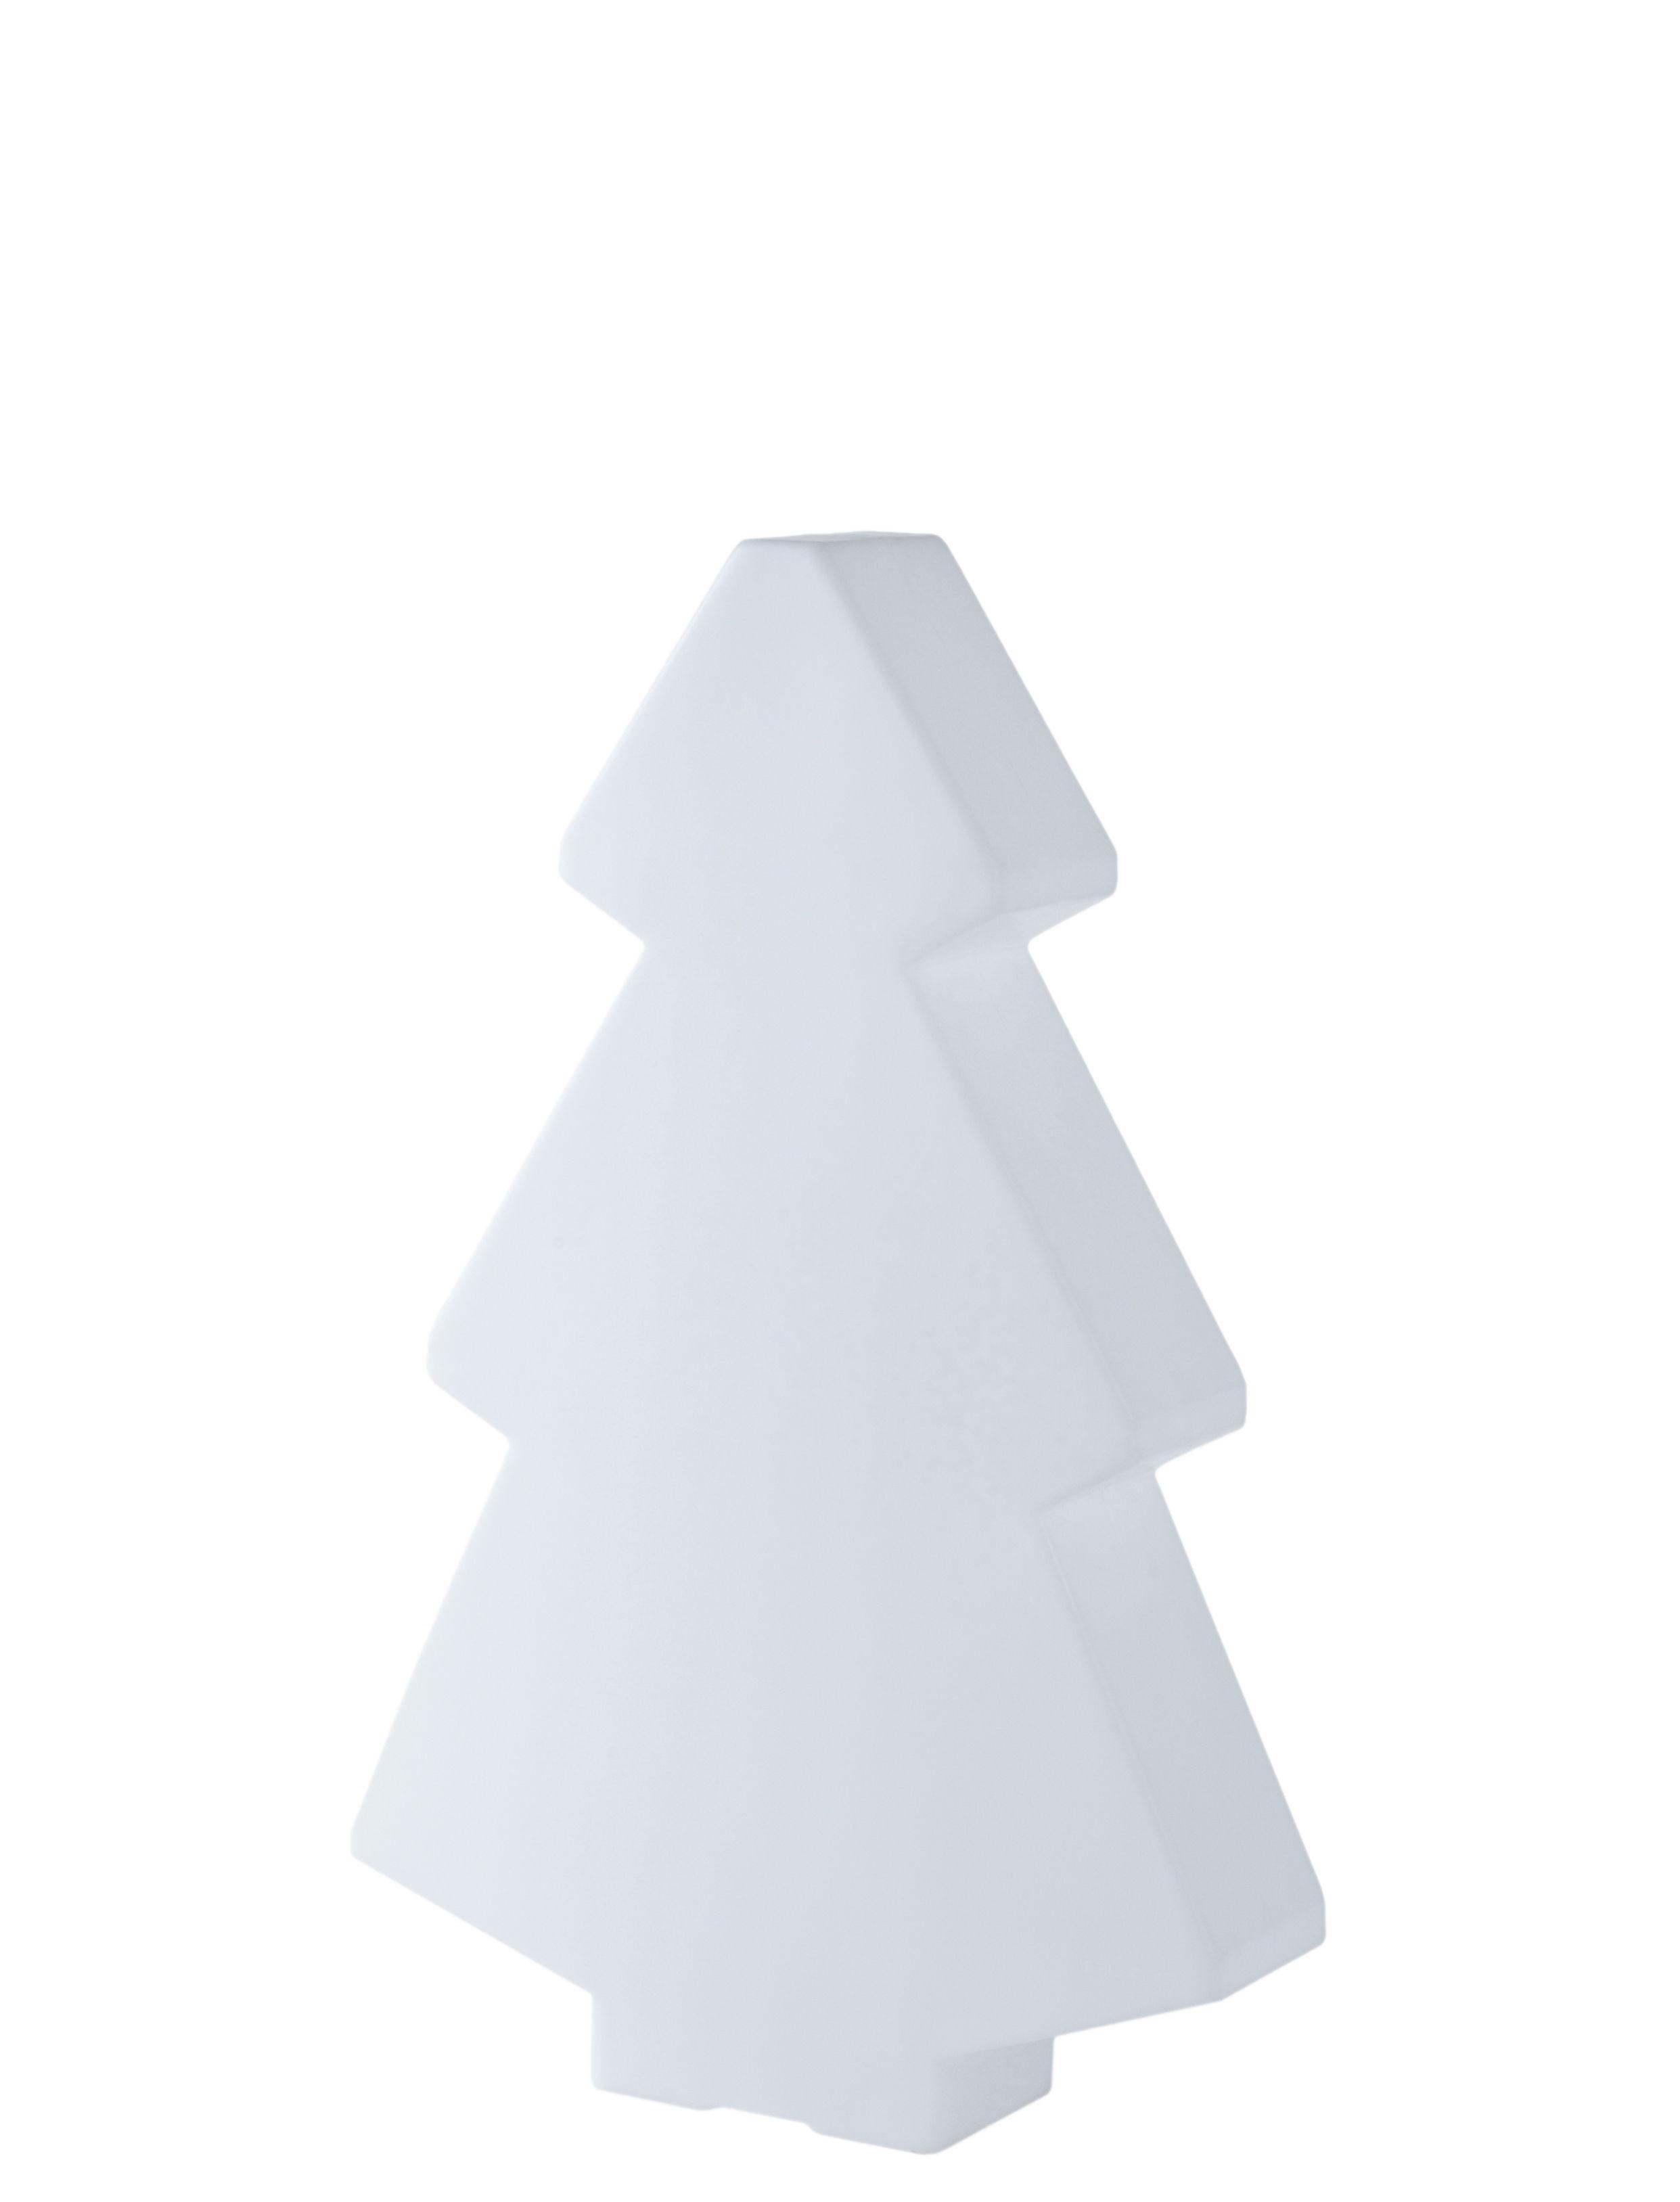 Illuminazione - Lampade da tavolo - Lampada da tavolo Lightree Indoor - H 45 cm - Per l'interno di Slide - Bianco - Polietilene riciclabile a stampaggio rotazionale